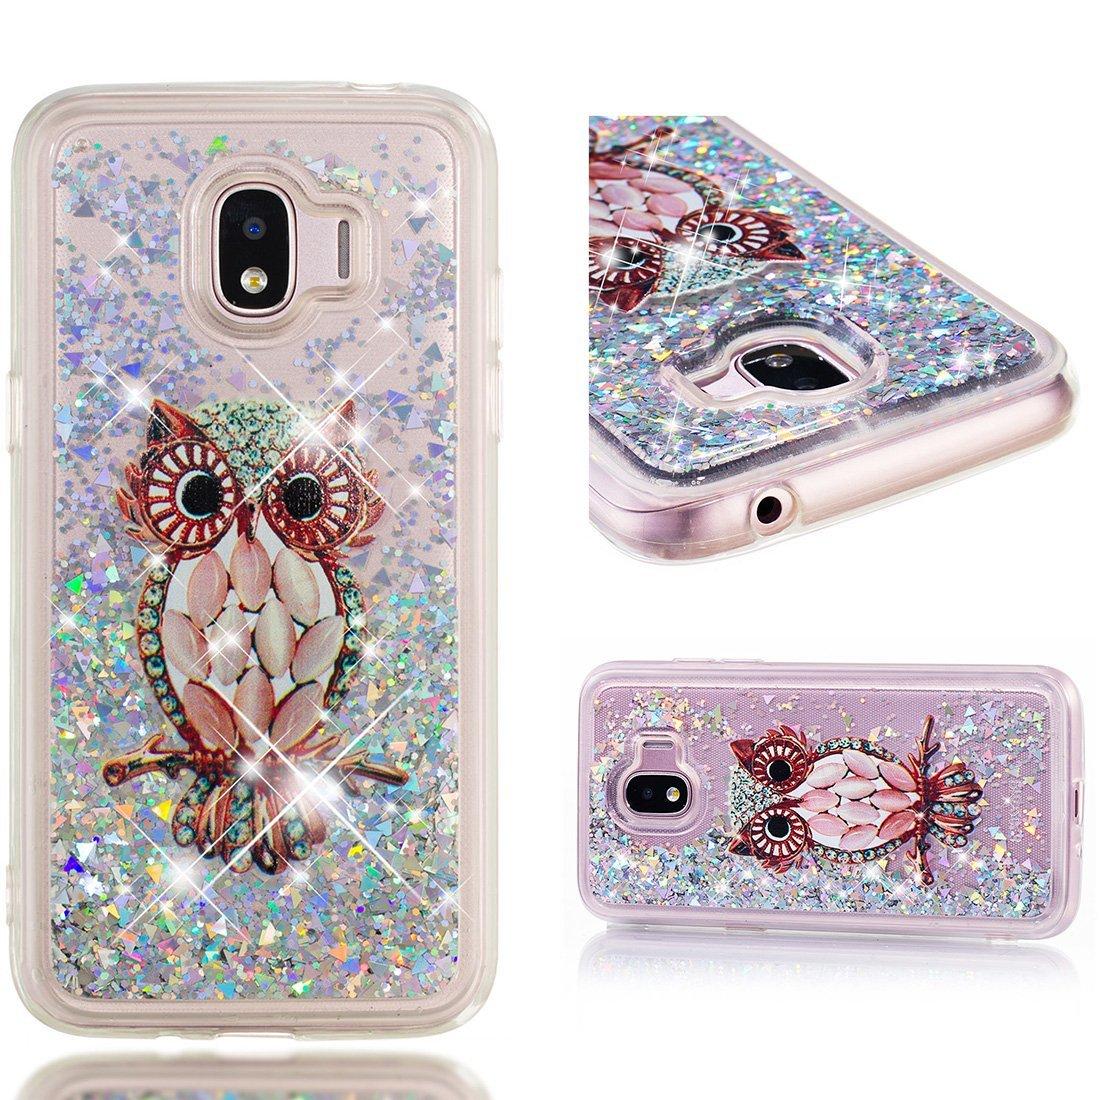 Cover Samsung Galaxy J2 Pro 2018, Lyzwn 3D Glitter Liquido Sabbie Mobili Trasparente Morbido TPU Silicone Custodia per Samsung Galaxy J2 Pro 2018 Brillantini Sequin Posteriore Protettiva Case